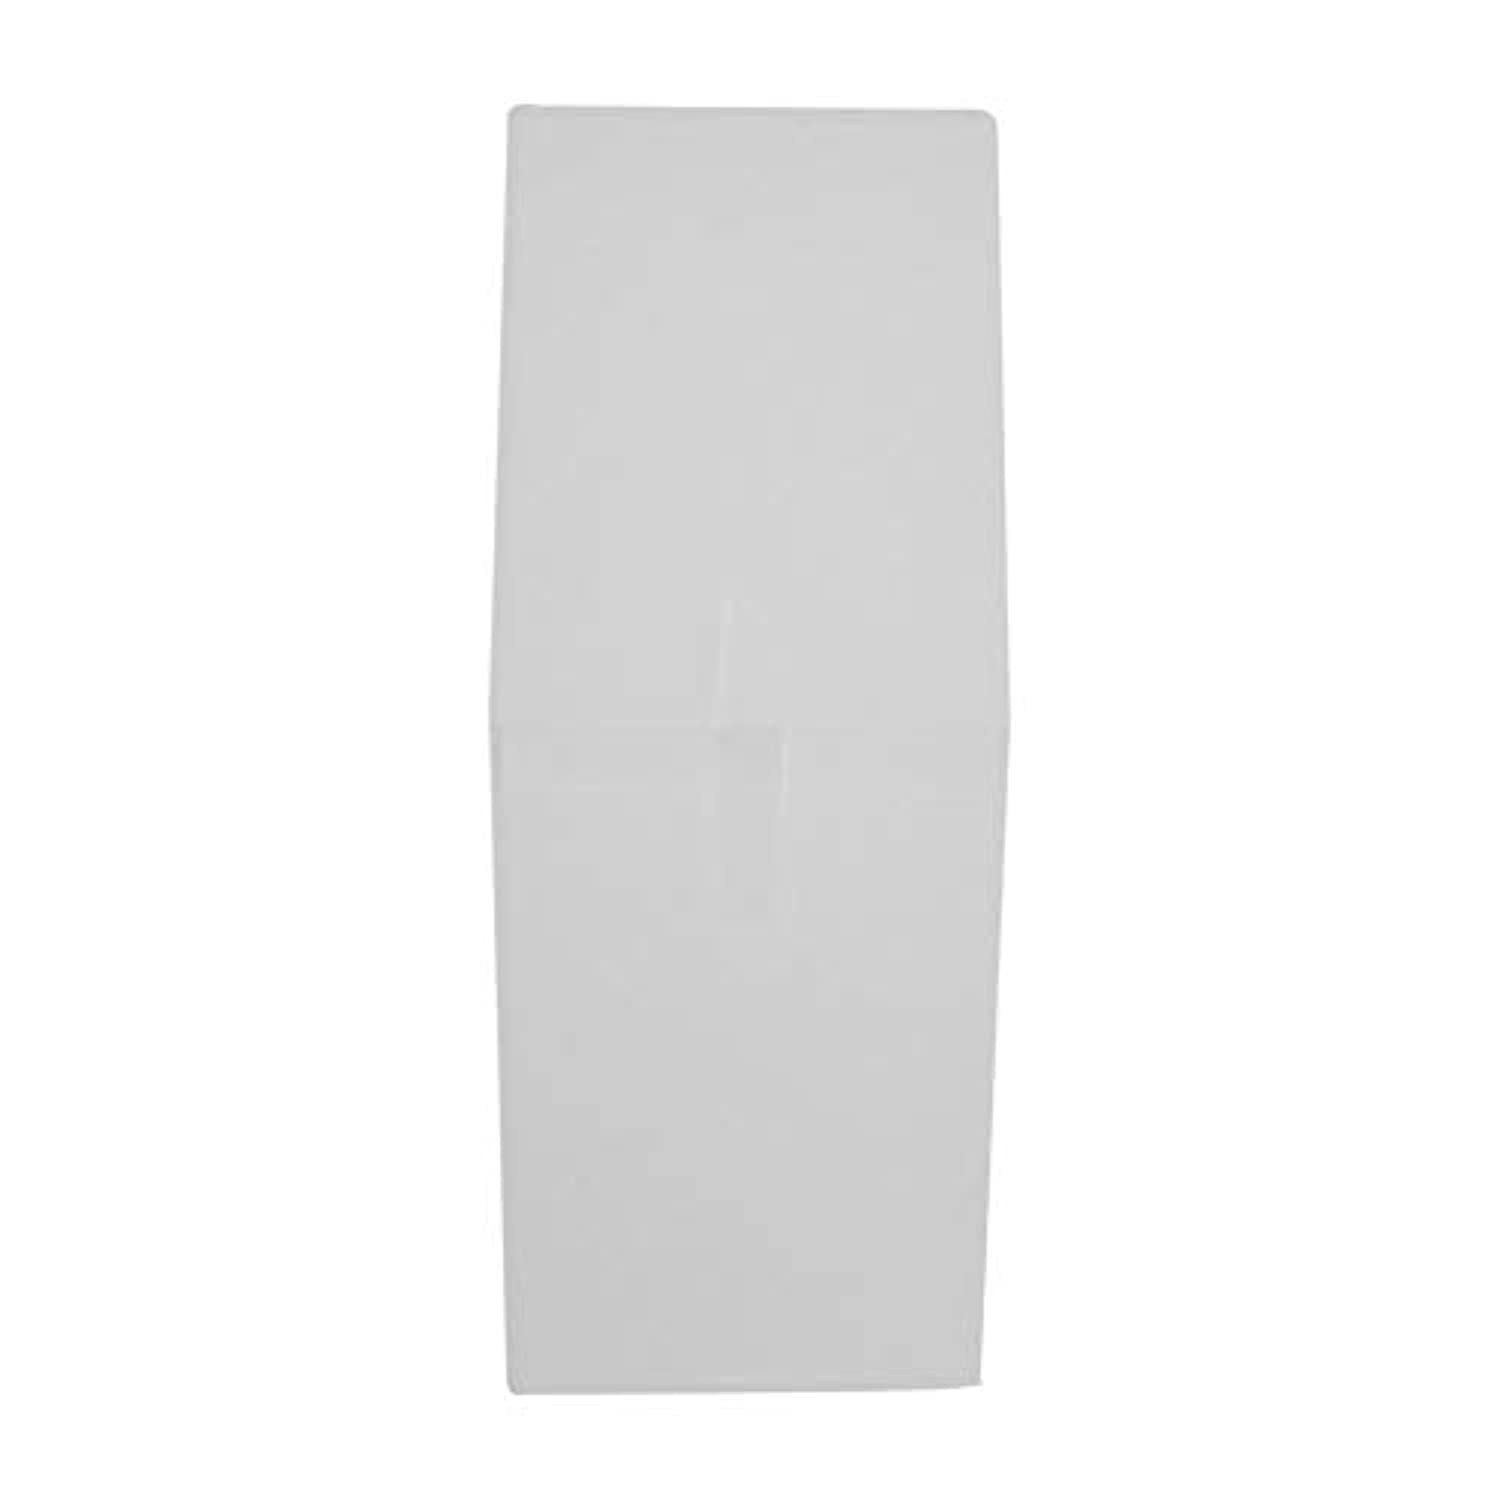 マニキュアペンホルダーダストブラシネイルアートツール収納ボックスオーガナイザー